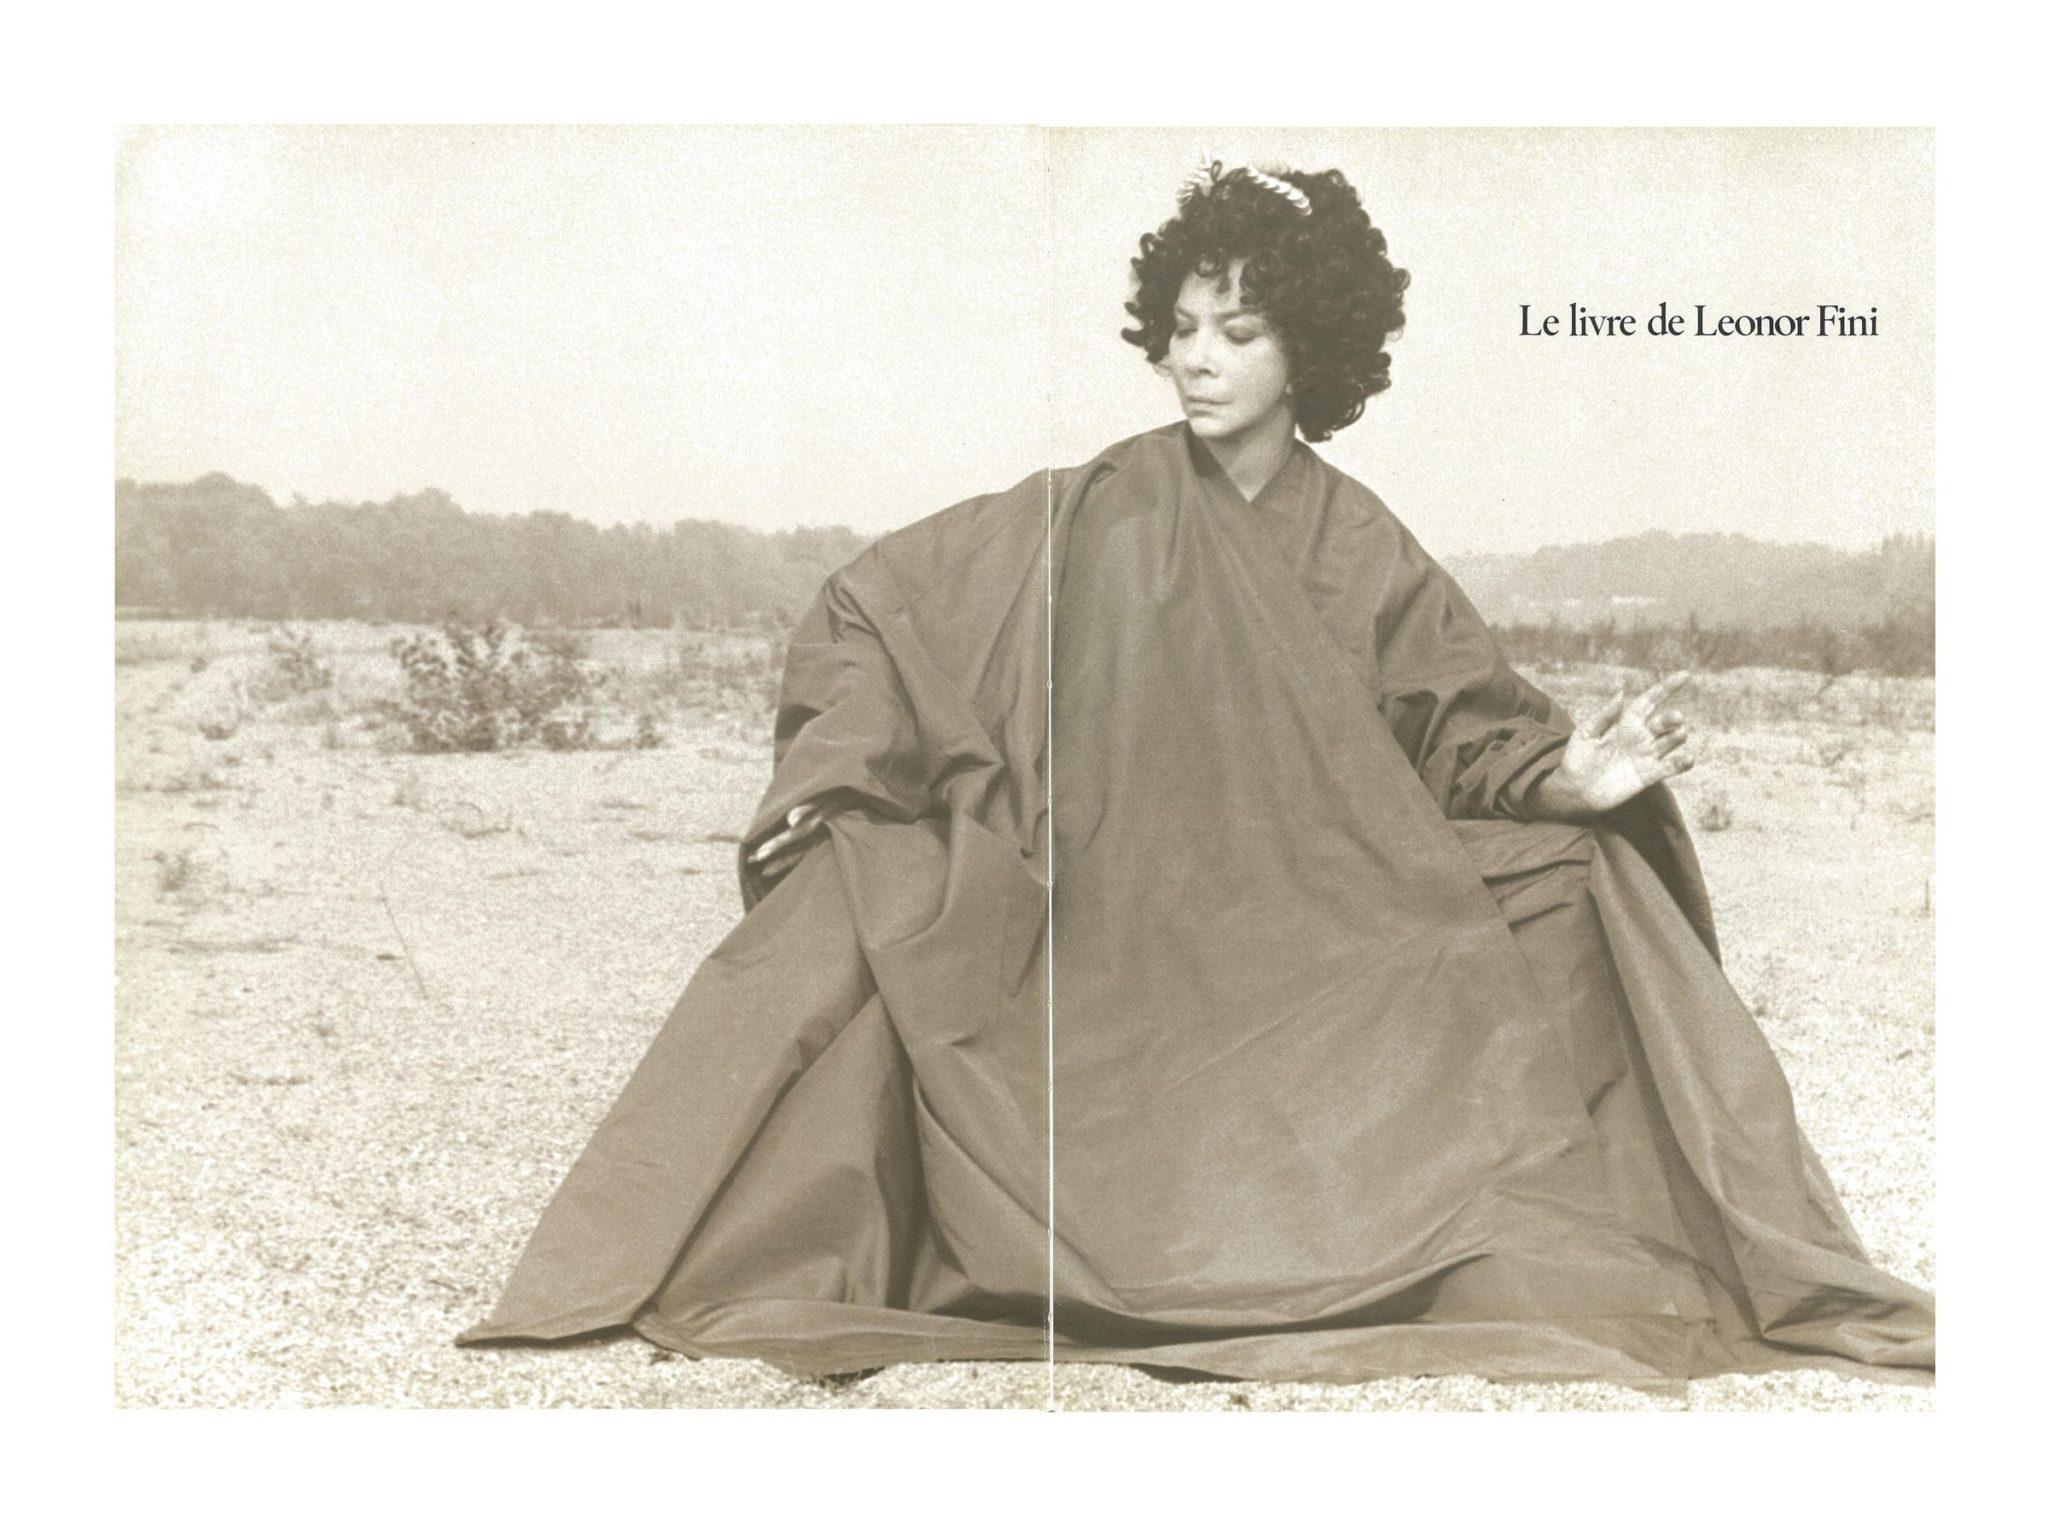 Carrousel-2-le-livre-de-leonor-fini-t